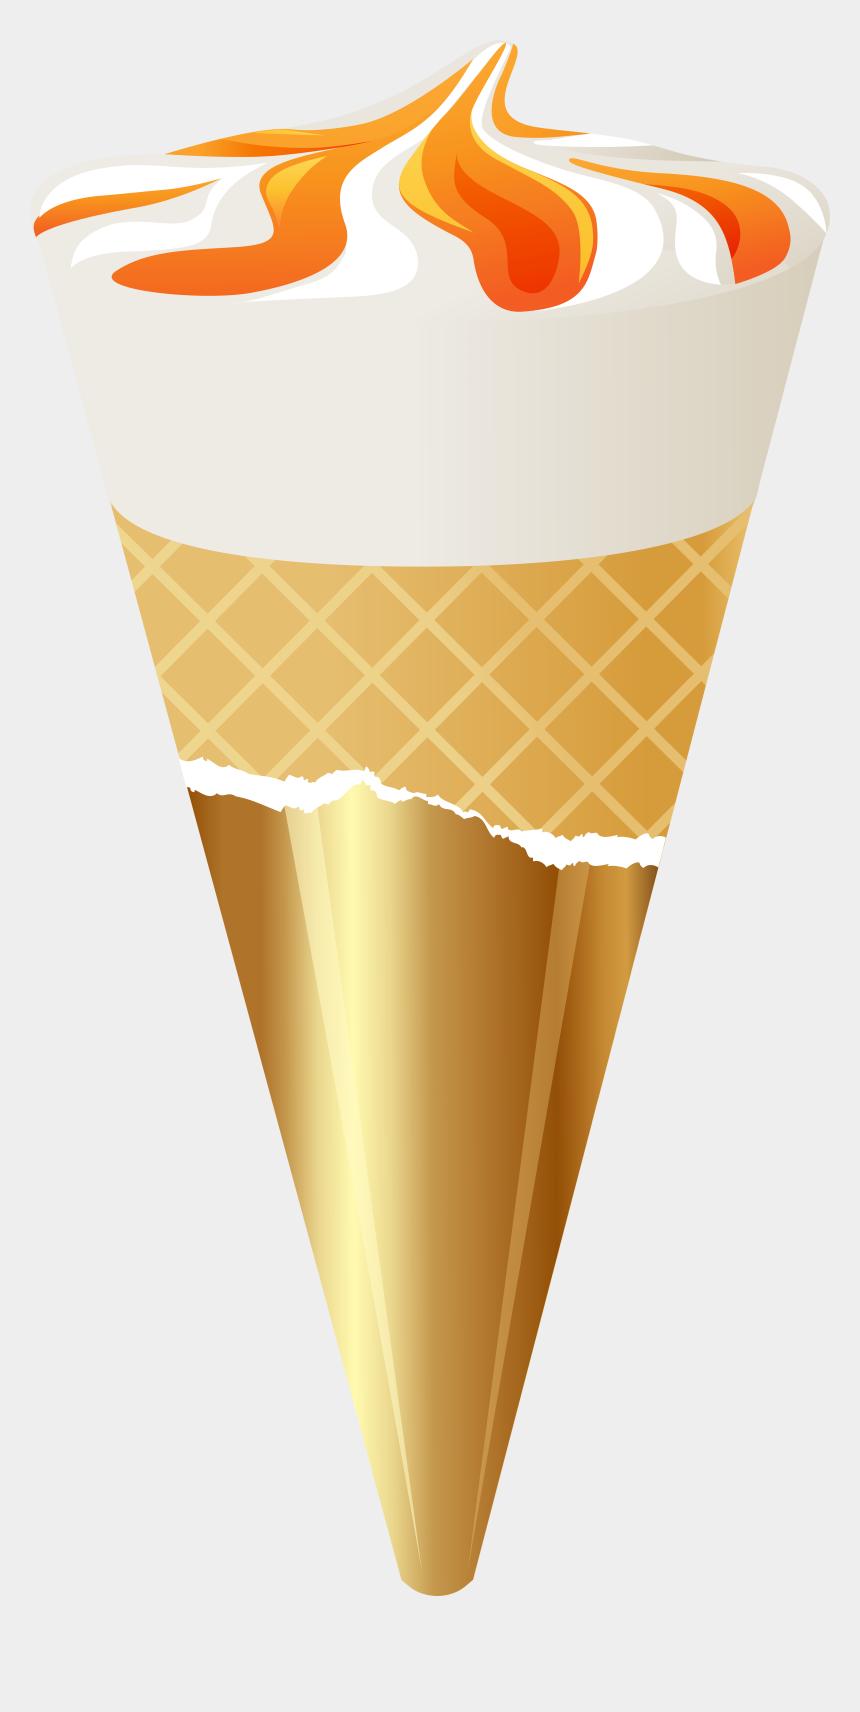 ice cream cone clipart, Cartoons - Ice Cream Transparent Png - Transparent Png Ice Cream Cone S